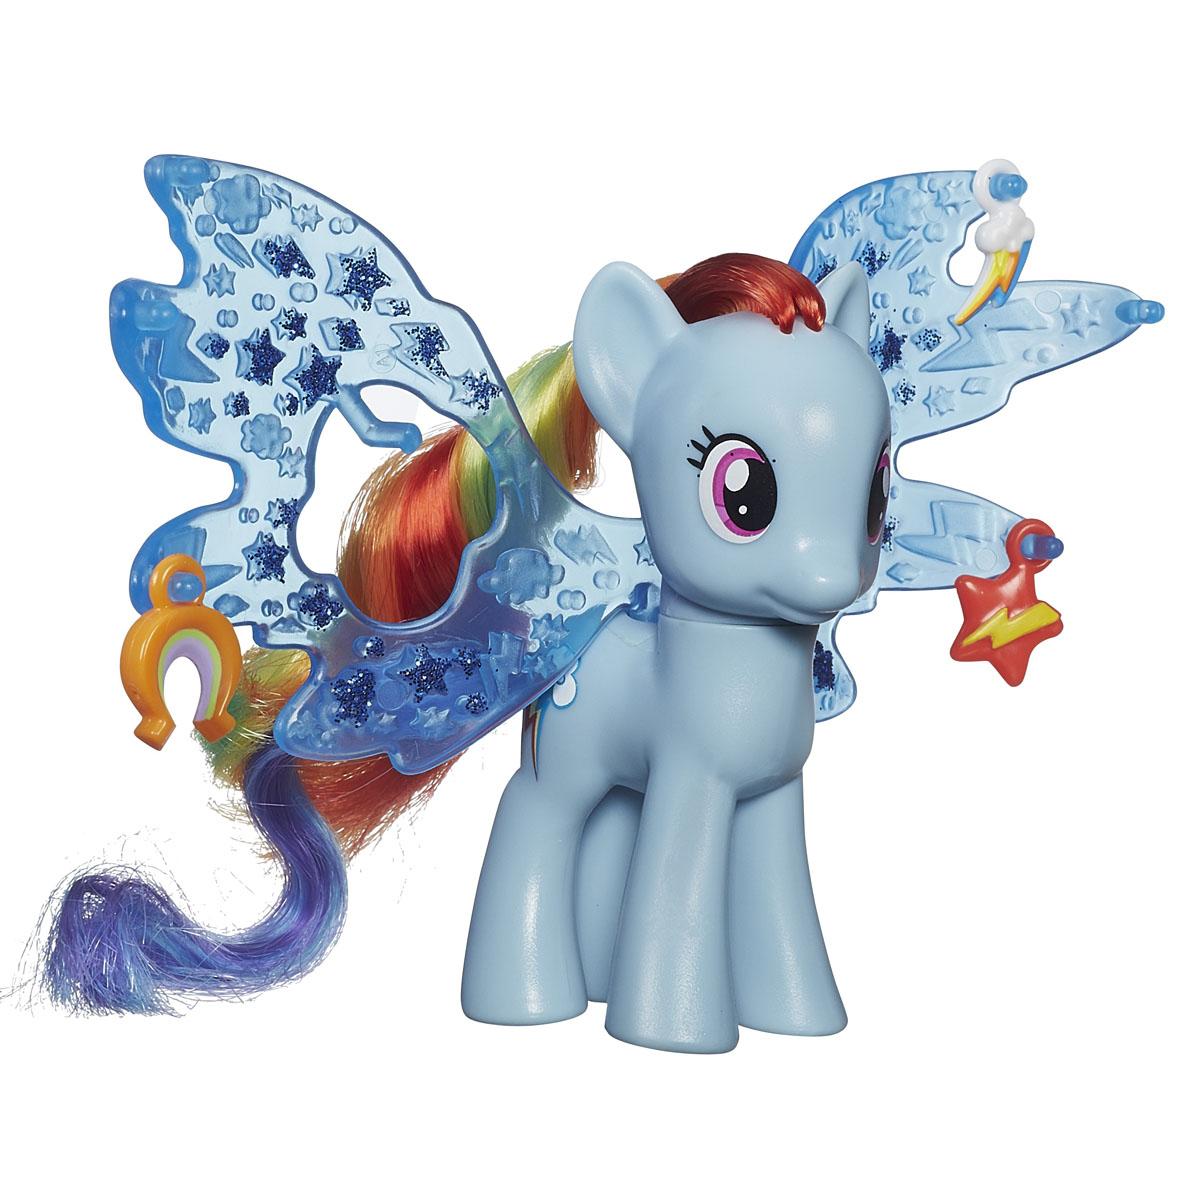 My Little Pony Рейнбоу Дэш с волшебными крыльями ДелюксB0671ES00Фигурка My Little Pony Рейнбоу Дэш с волшебными крыльями Делюкс непременно понравится вашей малышке. Она выполнена из безопасного пластика в виде симпатичной пони с красивыми большими глазами. Девочке непременно понравится заплетать и расчесывать роскошную гриву и хвостик пони. Голова игрушки подвижна. В комплект входят большие блестящие крылья, крепящиеся к спинке пони, которые при необходимости можно снять, а также 3 яркие подвески, которыми можно украсить крылышки. Пони готова играть не только на земле, но и в воздухе! Игры с такой игрушкой поспособствуют развитию у ребенка фантазии и любознательности, помогут овладеть навыками общения, воспитают чувство ответственности и заботы. Благодаря маленькому размеру фигурки ребенок сможет взять ее с собой на прогулку или в гости. Порадуйте свою малышку таким замечательным подарком!